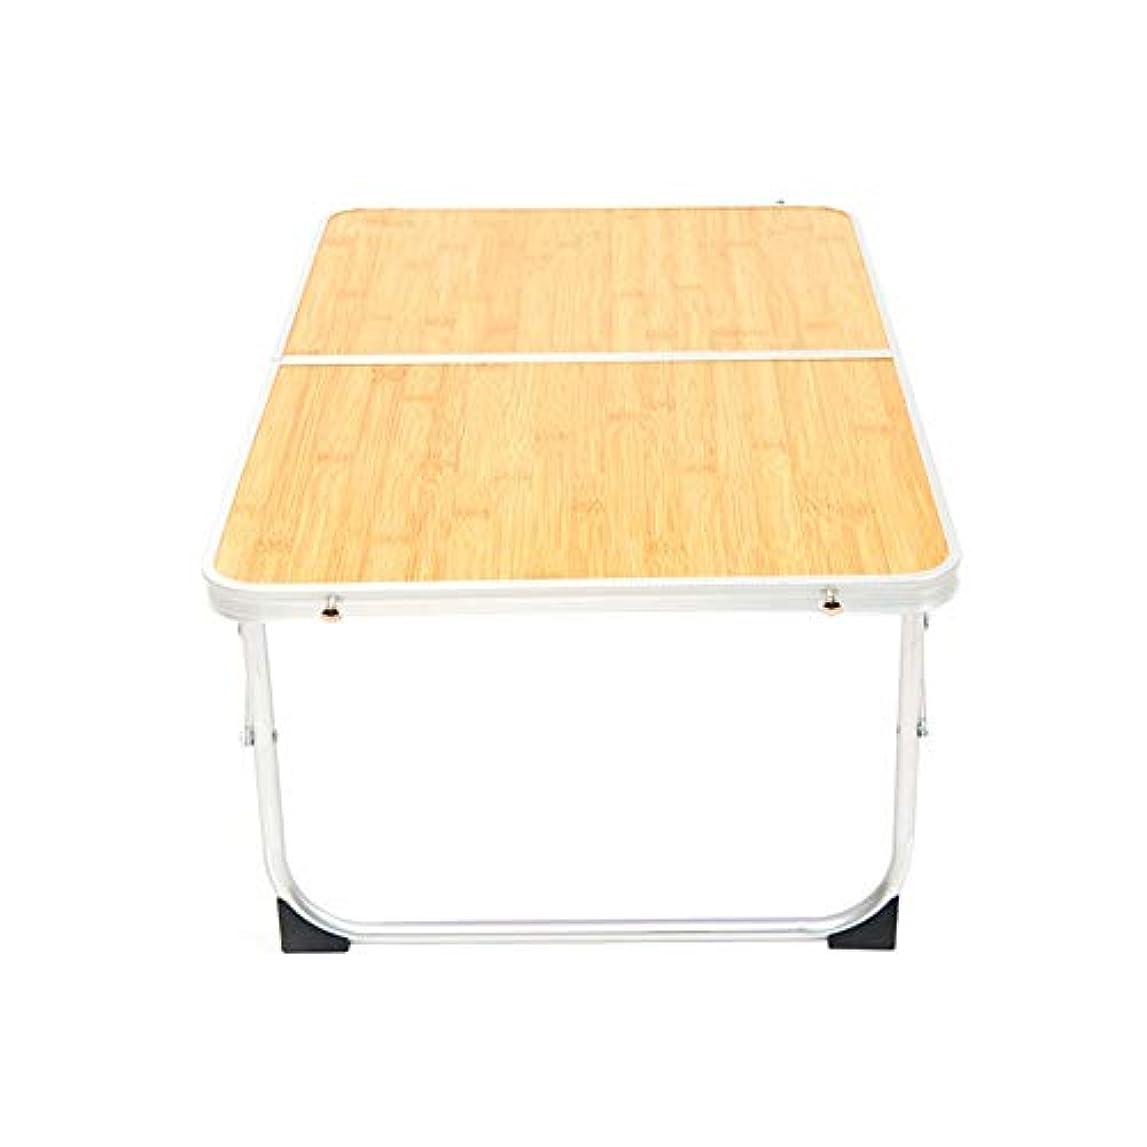 維持便利さ構造屋外のピクニックダイニングバーベキューテーブル付きハンドルウッドカラー折りたたみ式テーブルポータブルキャンプテーブル アウトドア キャンプ用 (色 : Wood, サイズ : 60*40*25cm)